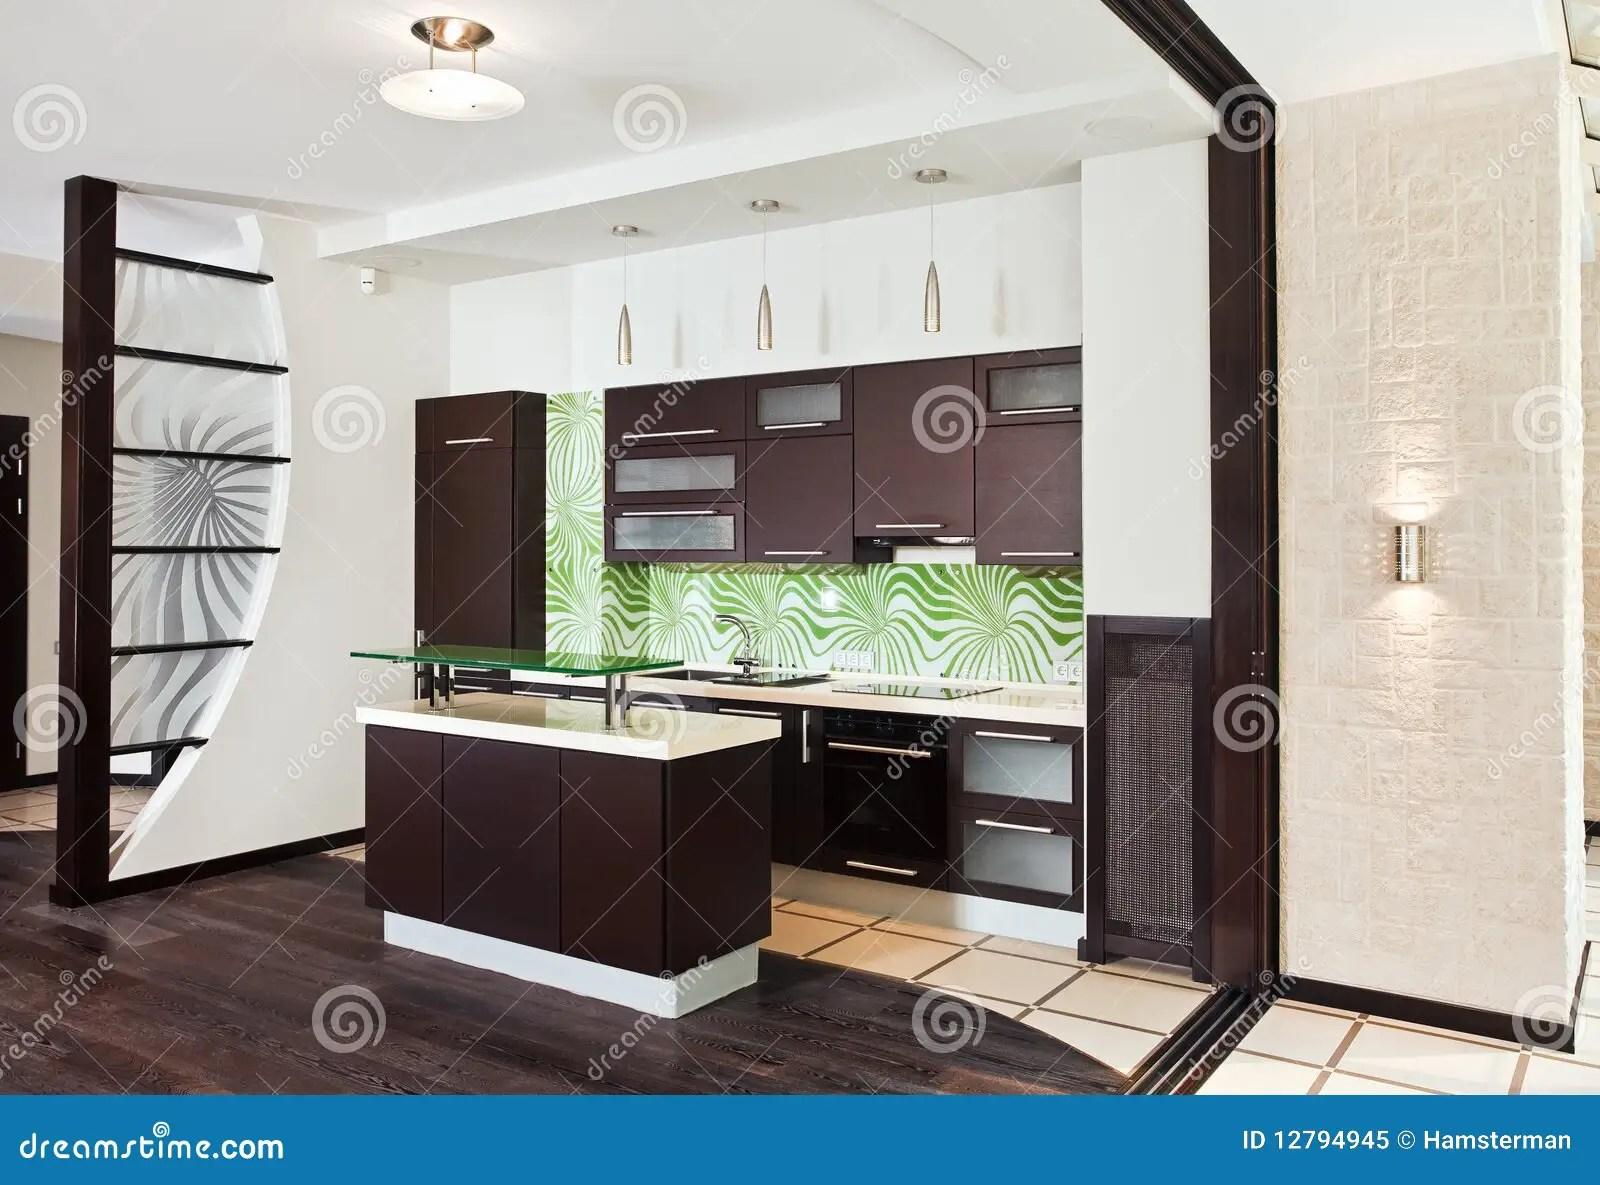 Cucina Moderna Con Il Pavimento Di Legno Scuro Immagine Stock  Immagine di apprettatrice